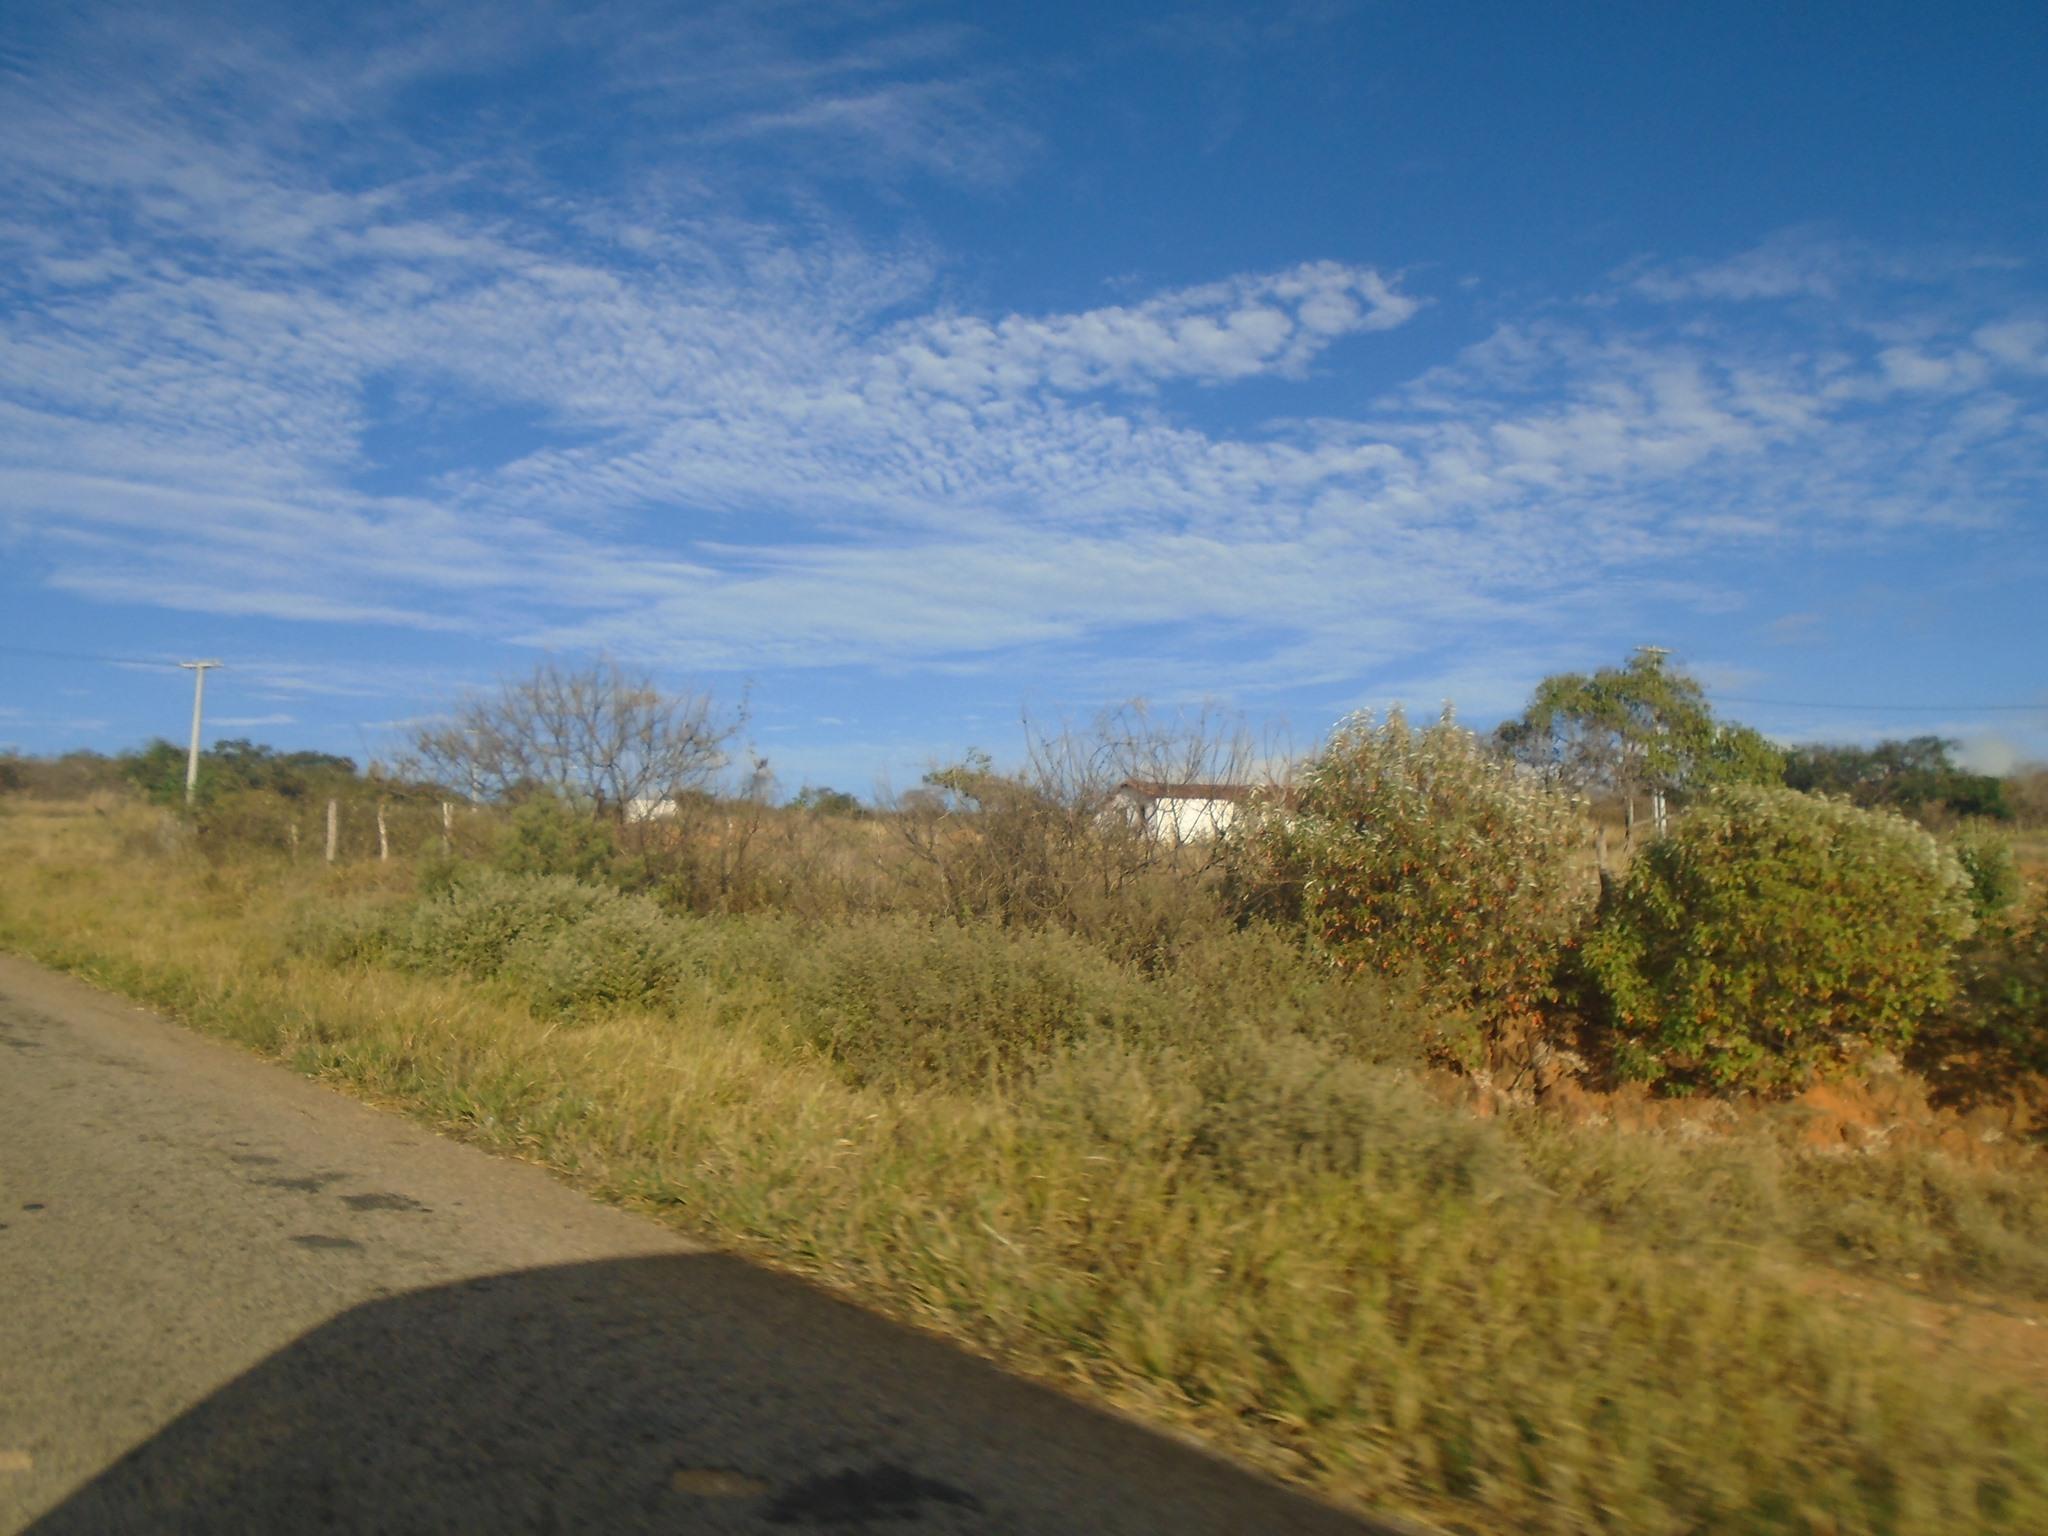 Fotos-uit-de-regio-van-Ibitiara-en-Seabra-aan-de-grote-BR-242-87